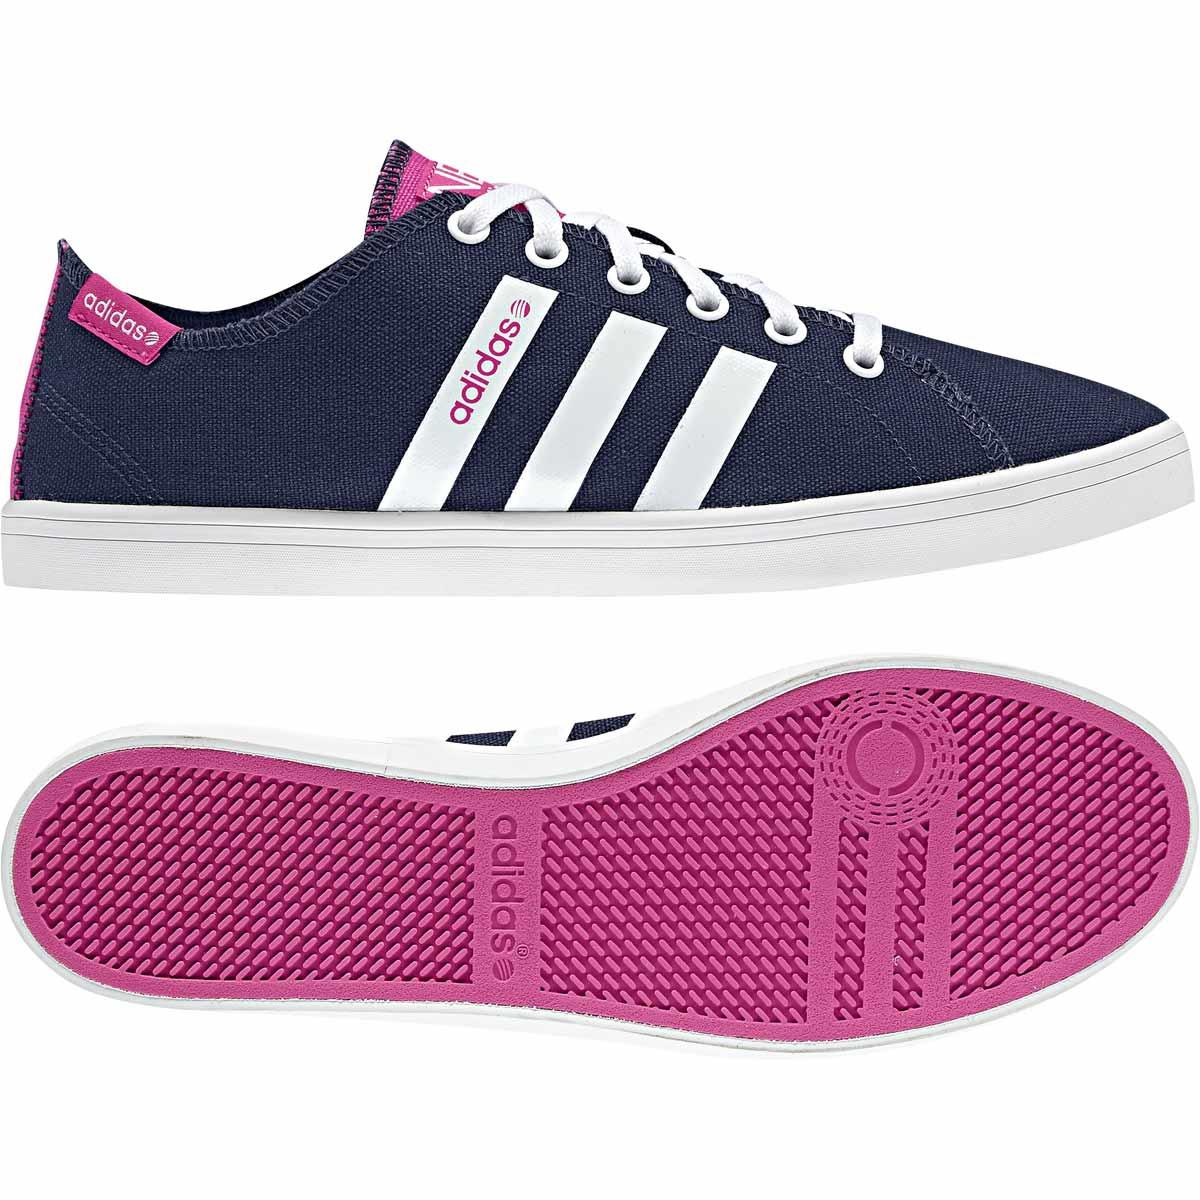 Dámská Obuv Adidas Neo e-mp3.cz 4db7aba7240